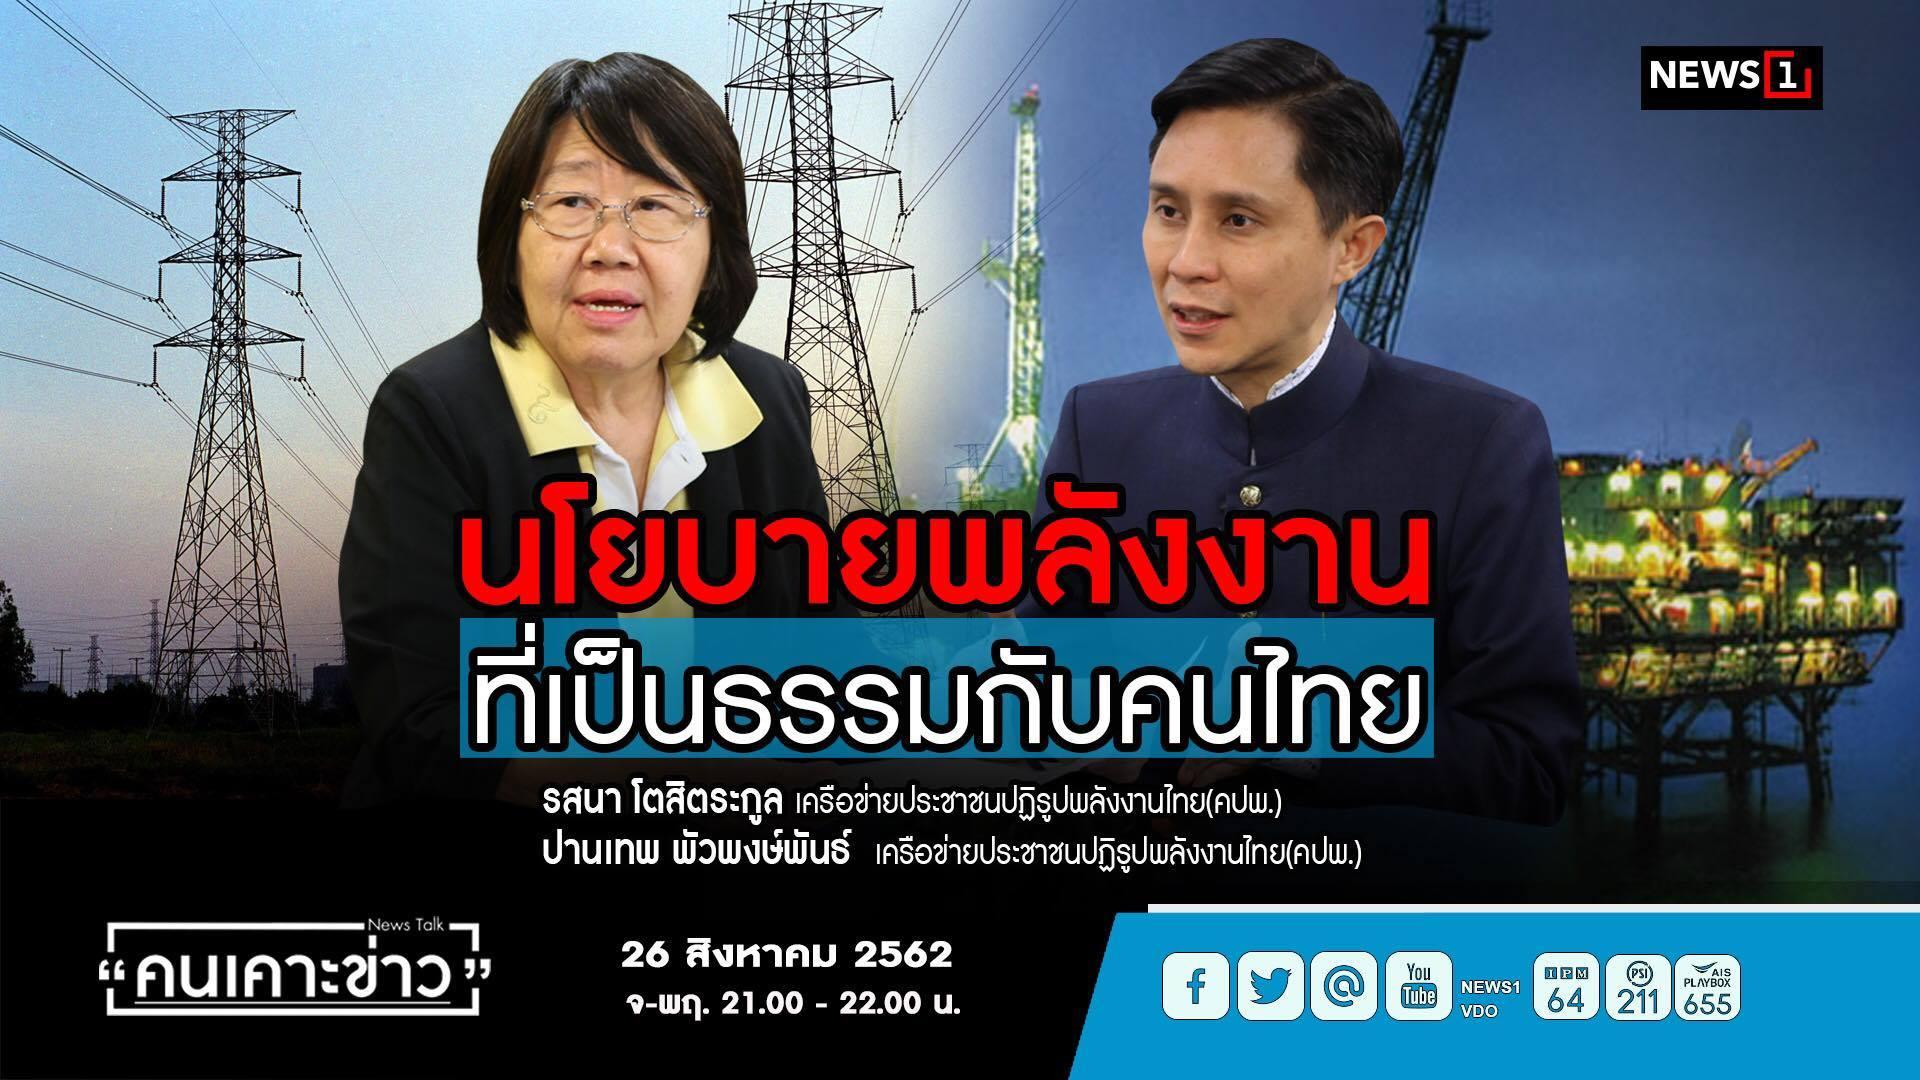 """""""ปานเทพ - รสนา"""" ย้ำข้อเรียกร้องปรับโครงสร้างราคาพลังงาน เผยเรื่องใหญ่รัฐจ่อรื้อฟื้นพัฒนาปิโตรเลียมในพื้นที่ทับซ้อนไทย-กัมพูชา"""